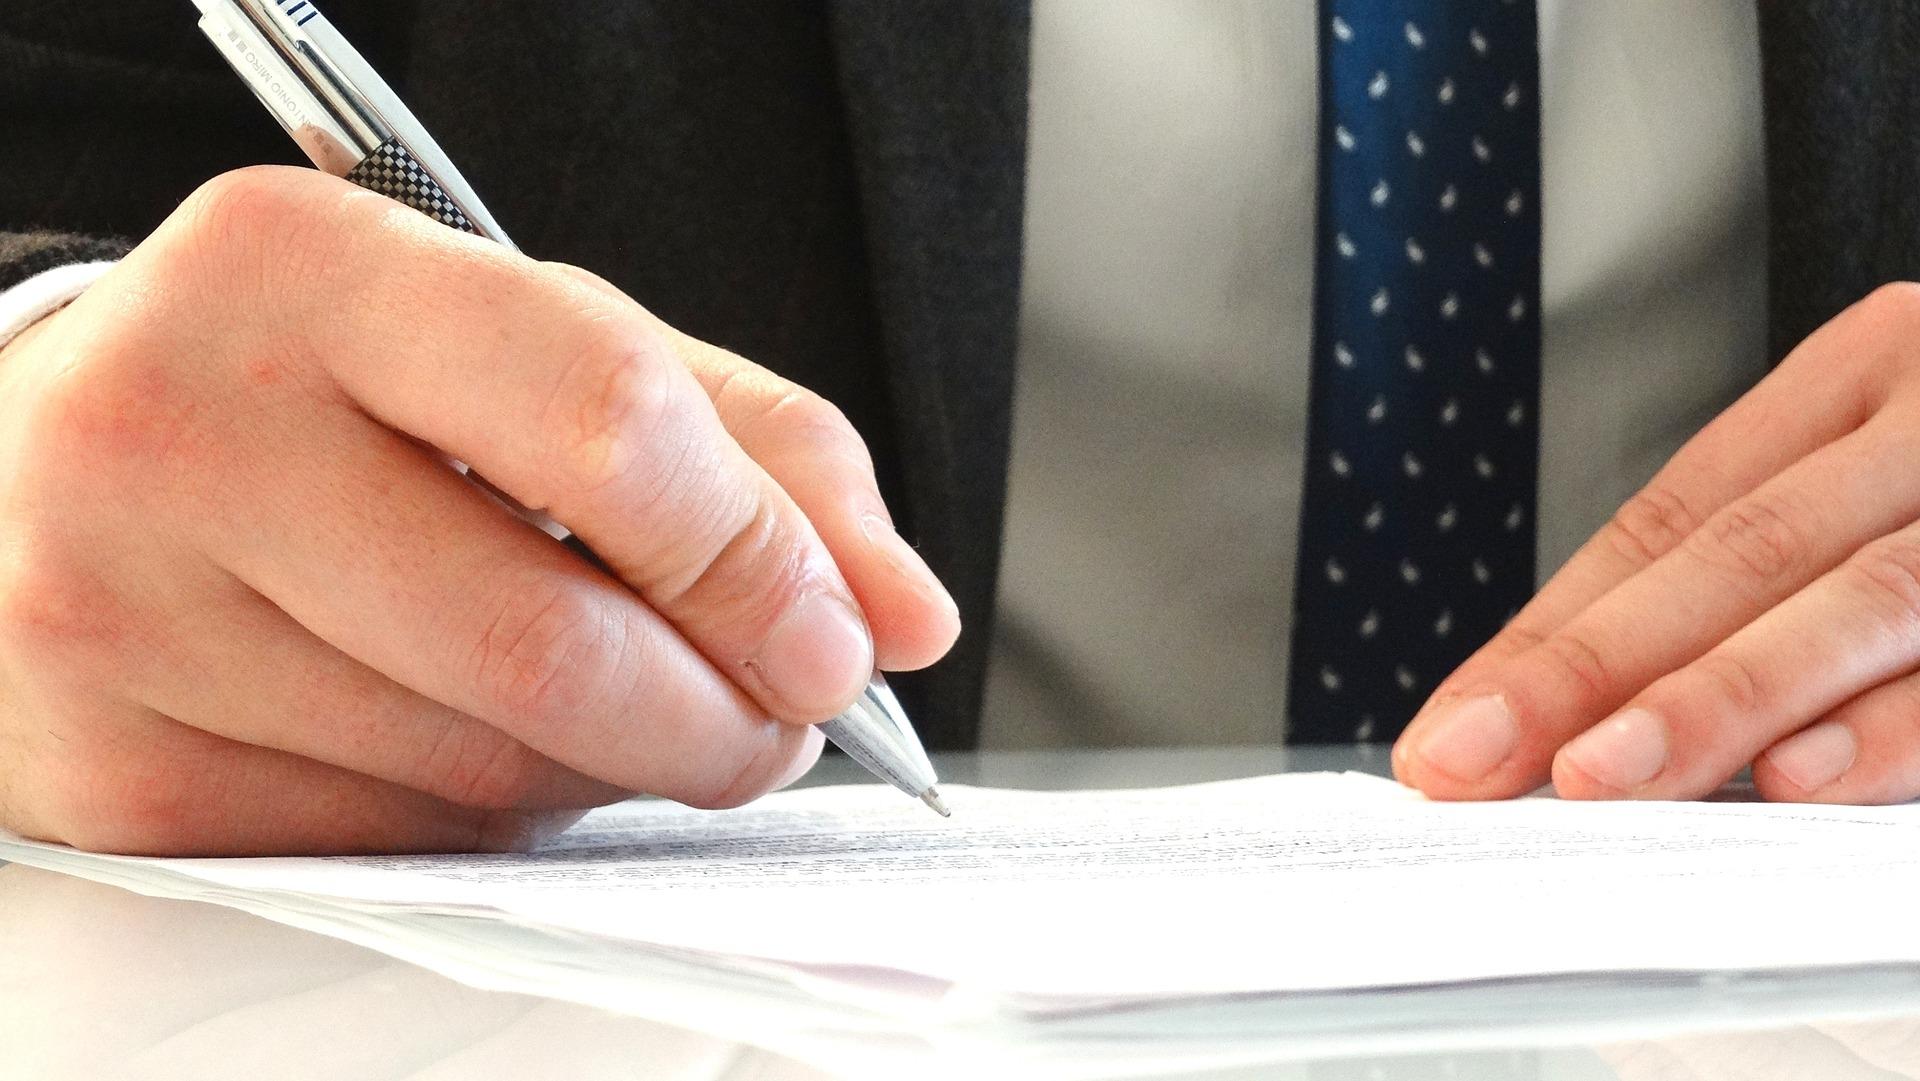 הצעת חוק חדשה להארכת תקופת ההתיישנות בביטוח – הפעם לחמש שנים